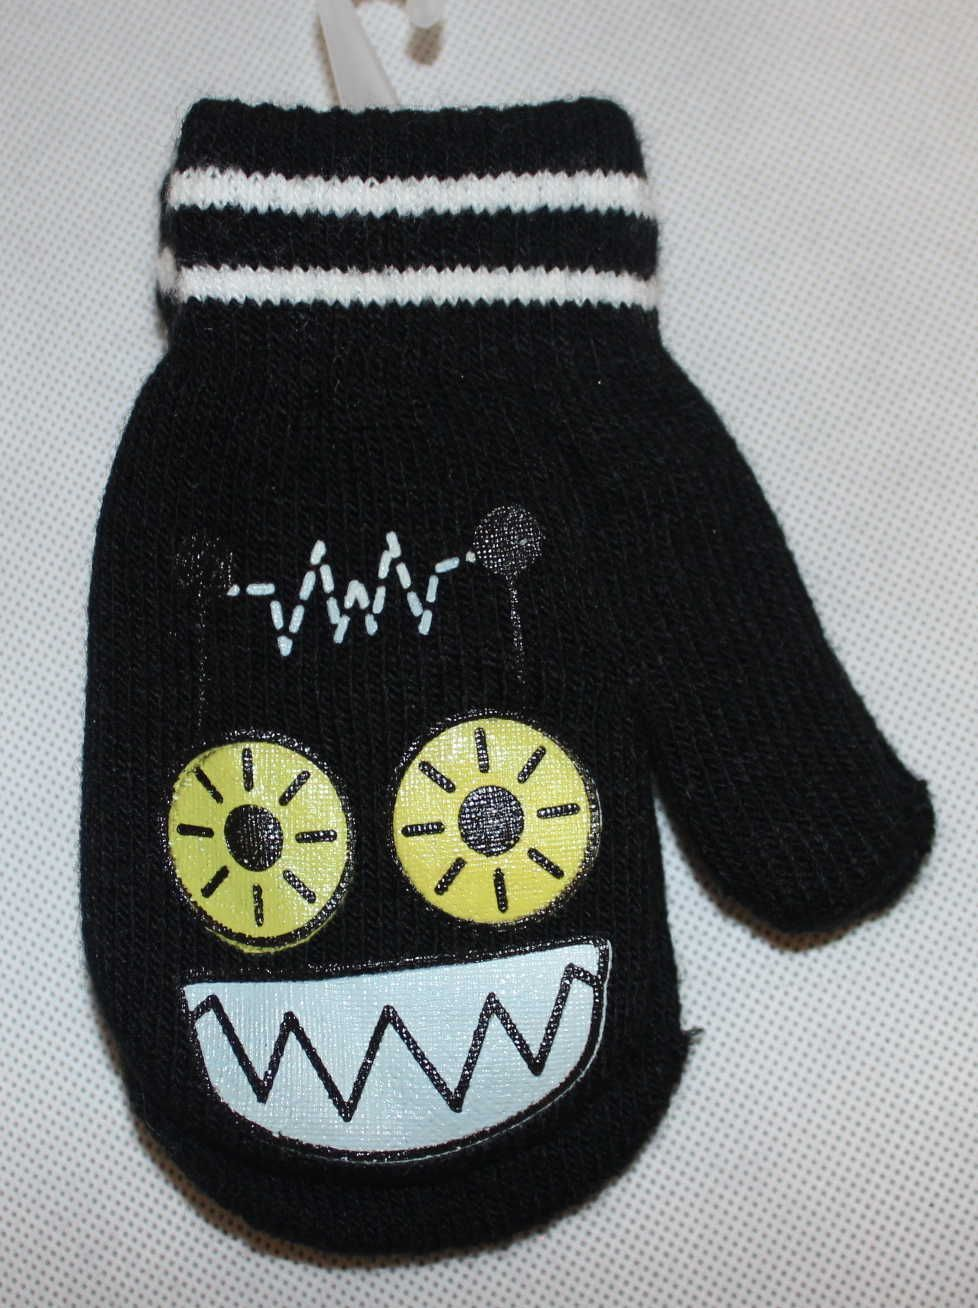 Dětské rukavice dětské palčáky slabé rukavice, chlapecké palčáky, dívčí palčáky, pletené rukavice palčáky